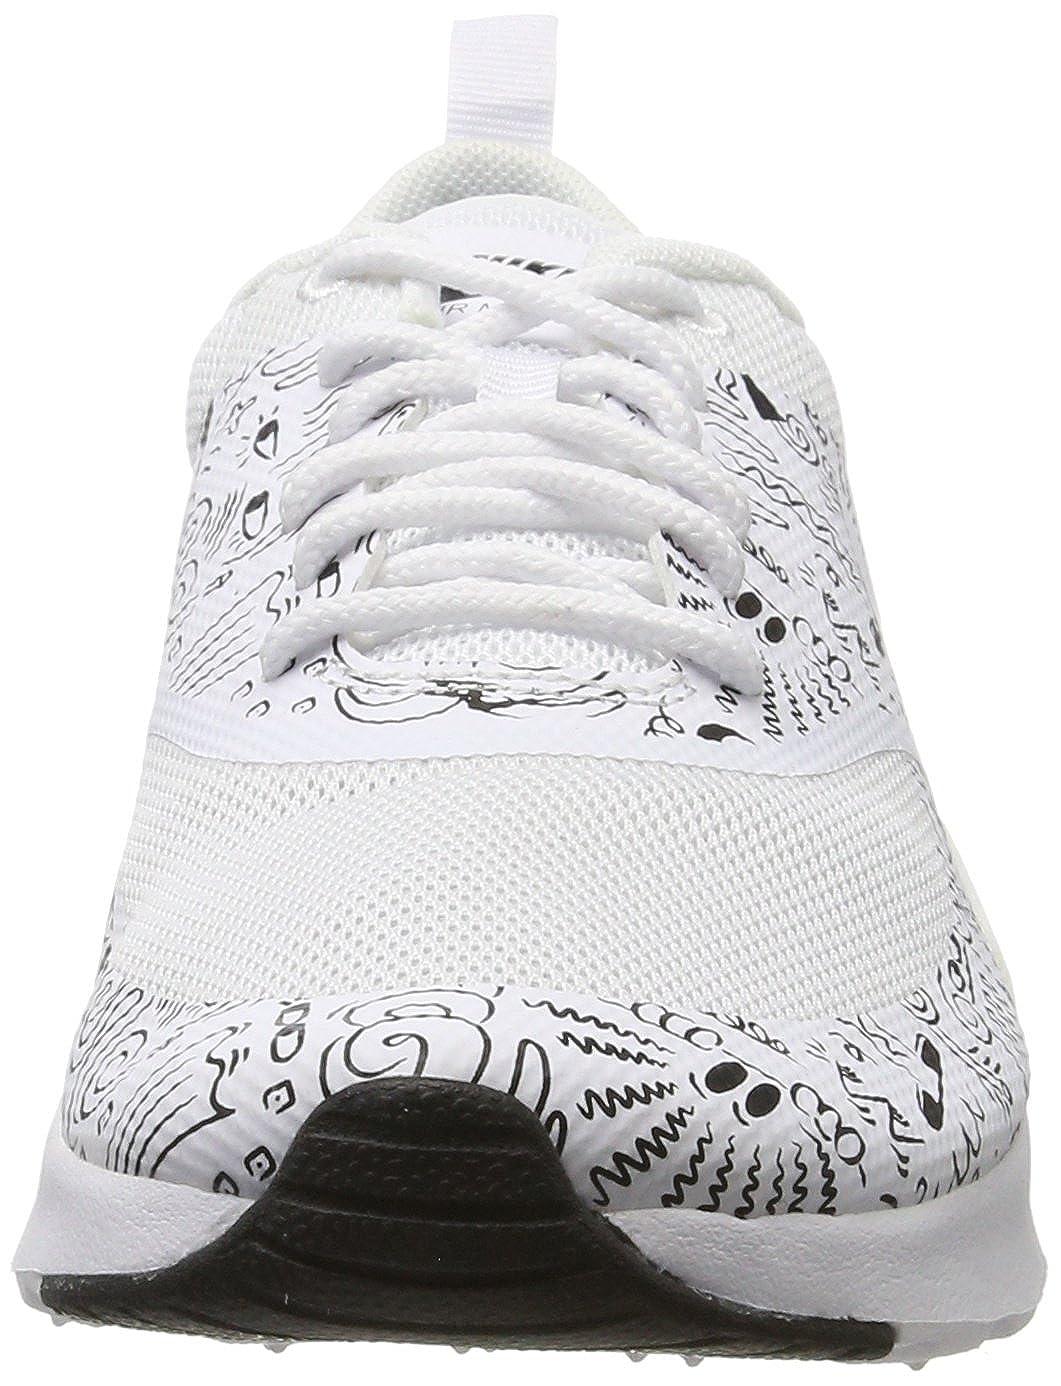 Nike Damen WMNS Air Max Thea Print Turnschuhe, Turnschuhe, Turnschuhe, Weiß  8a9c90